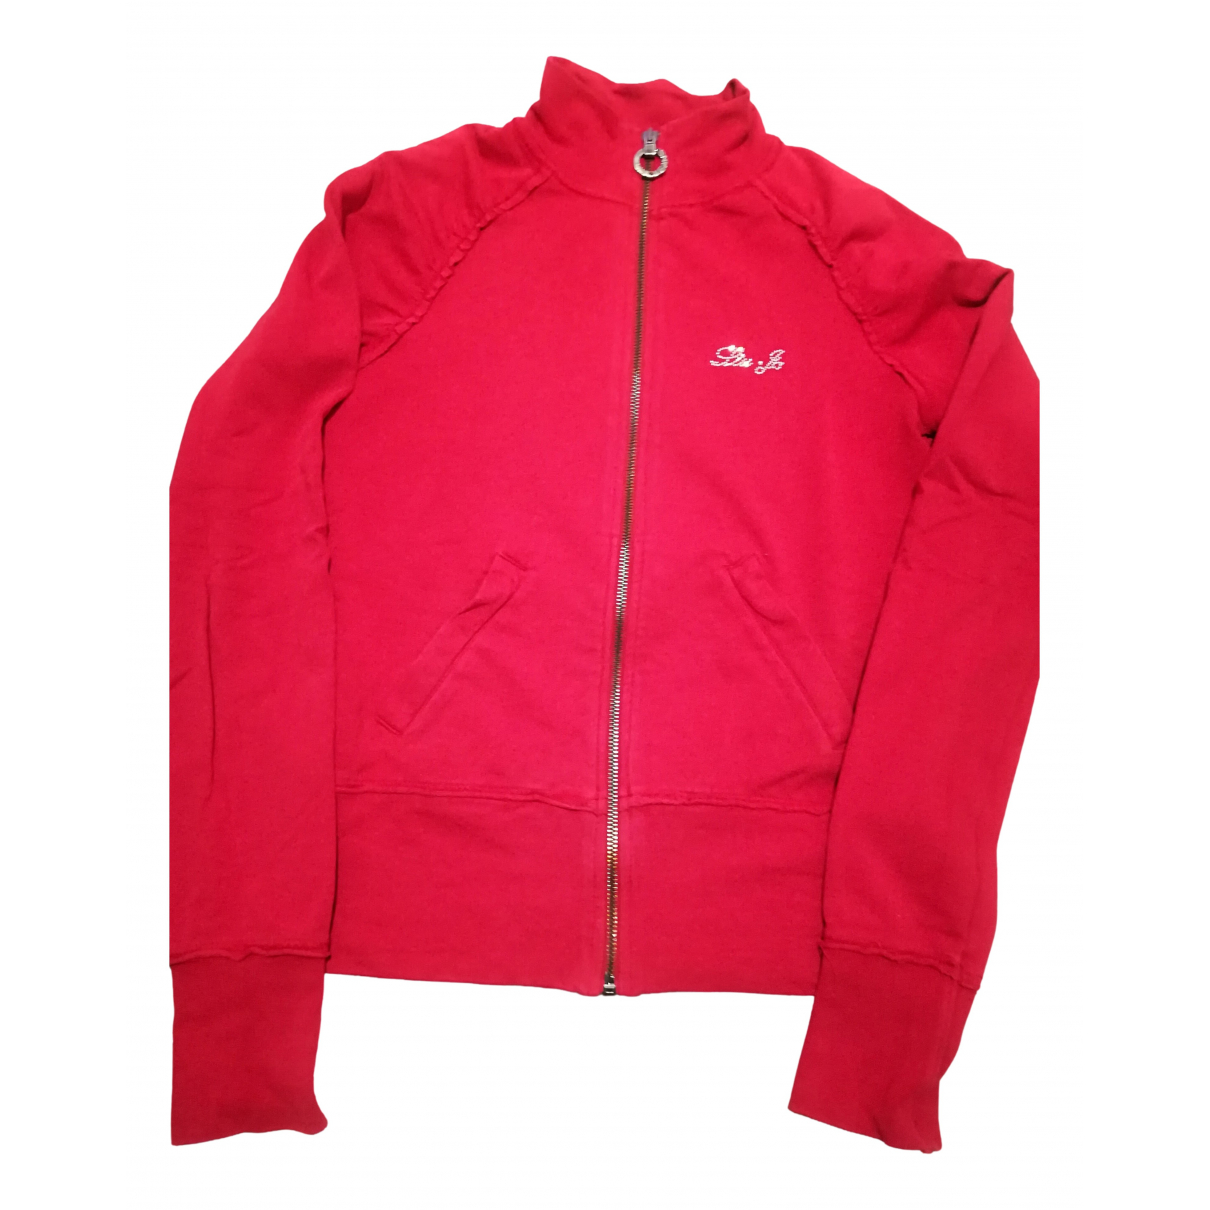 Liu.jo - Pull   pour femme en coton - rouge